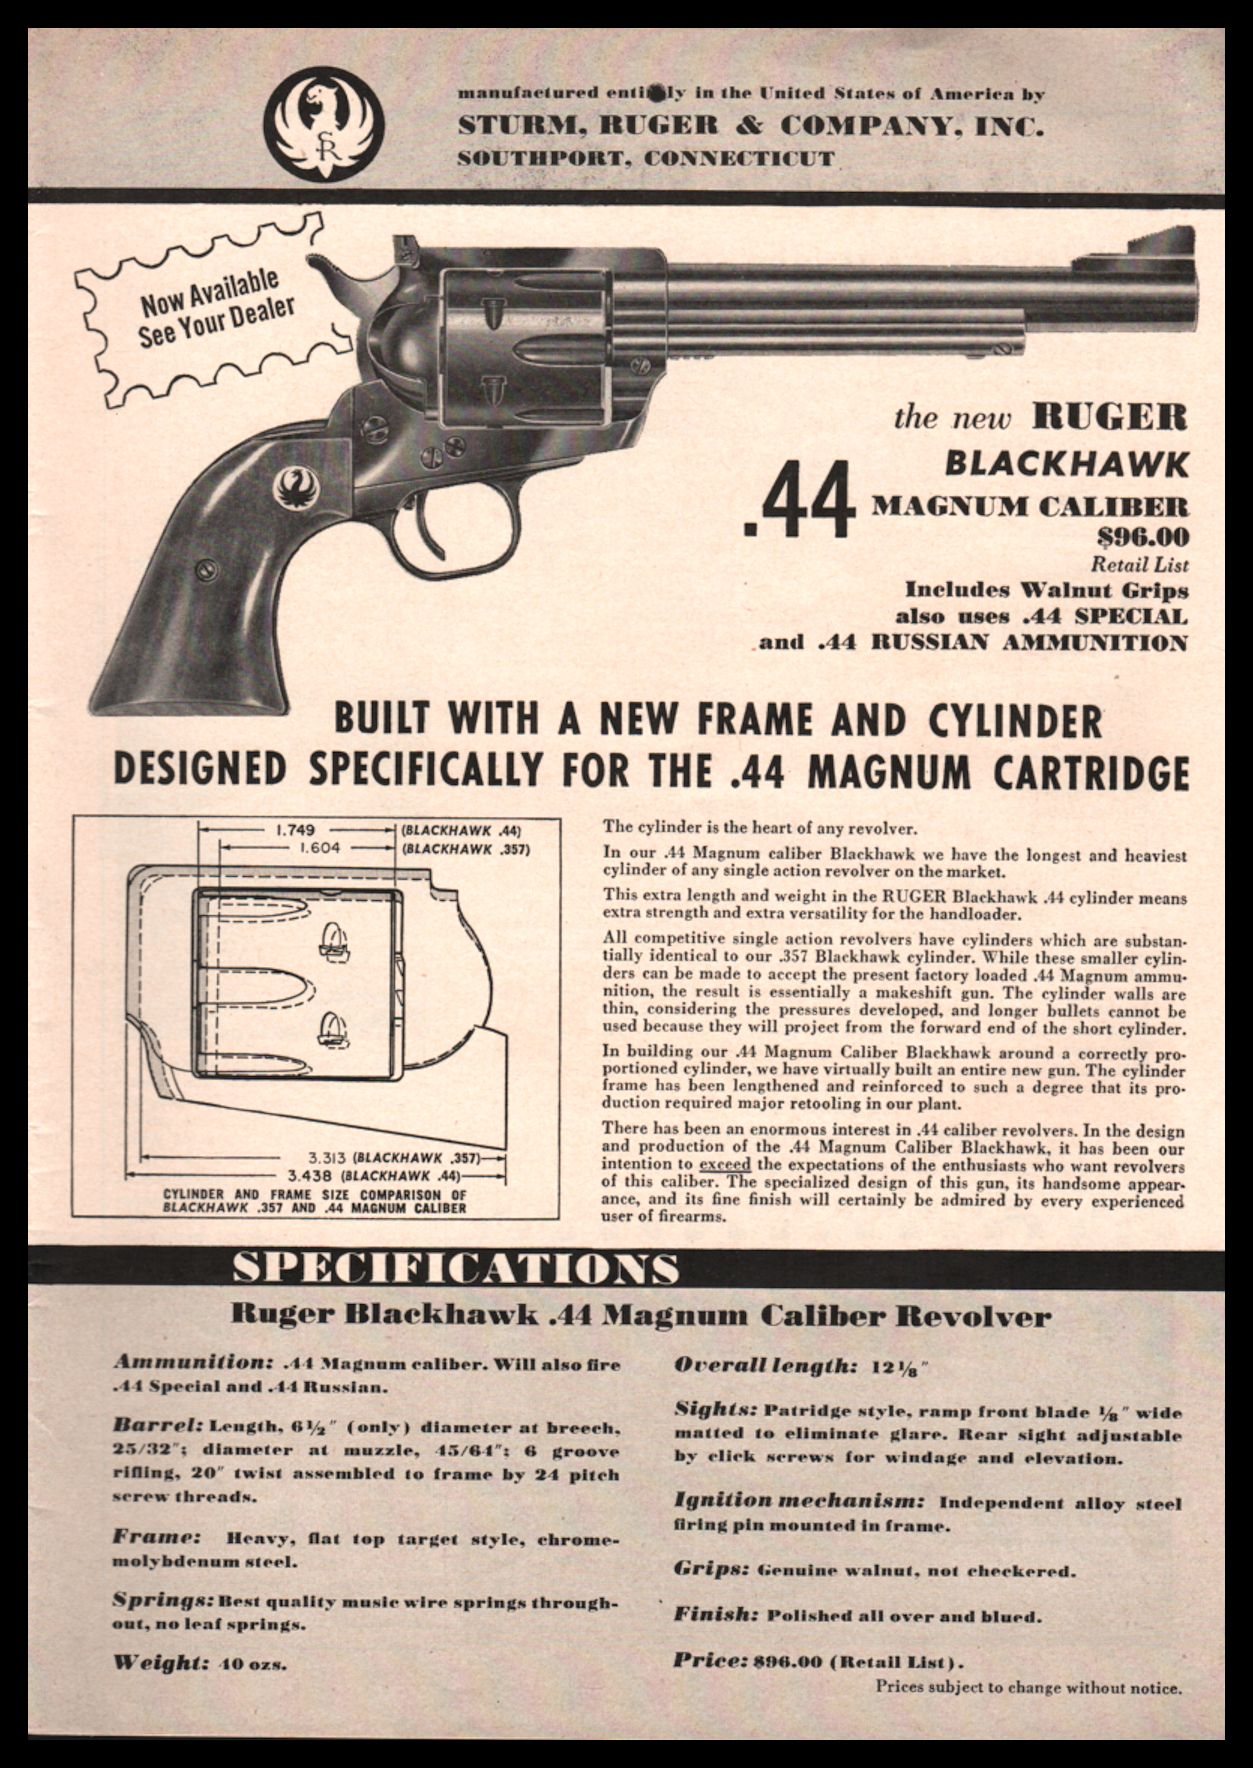 1956 RUGER Blackhawk  44 Magnum Revolver PRINT AD : Other